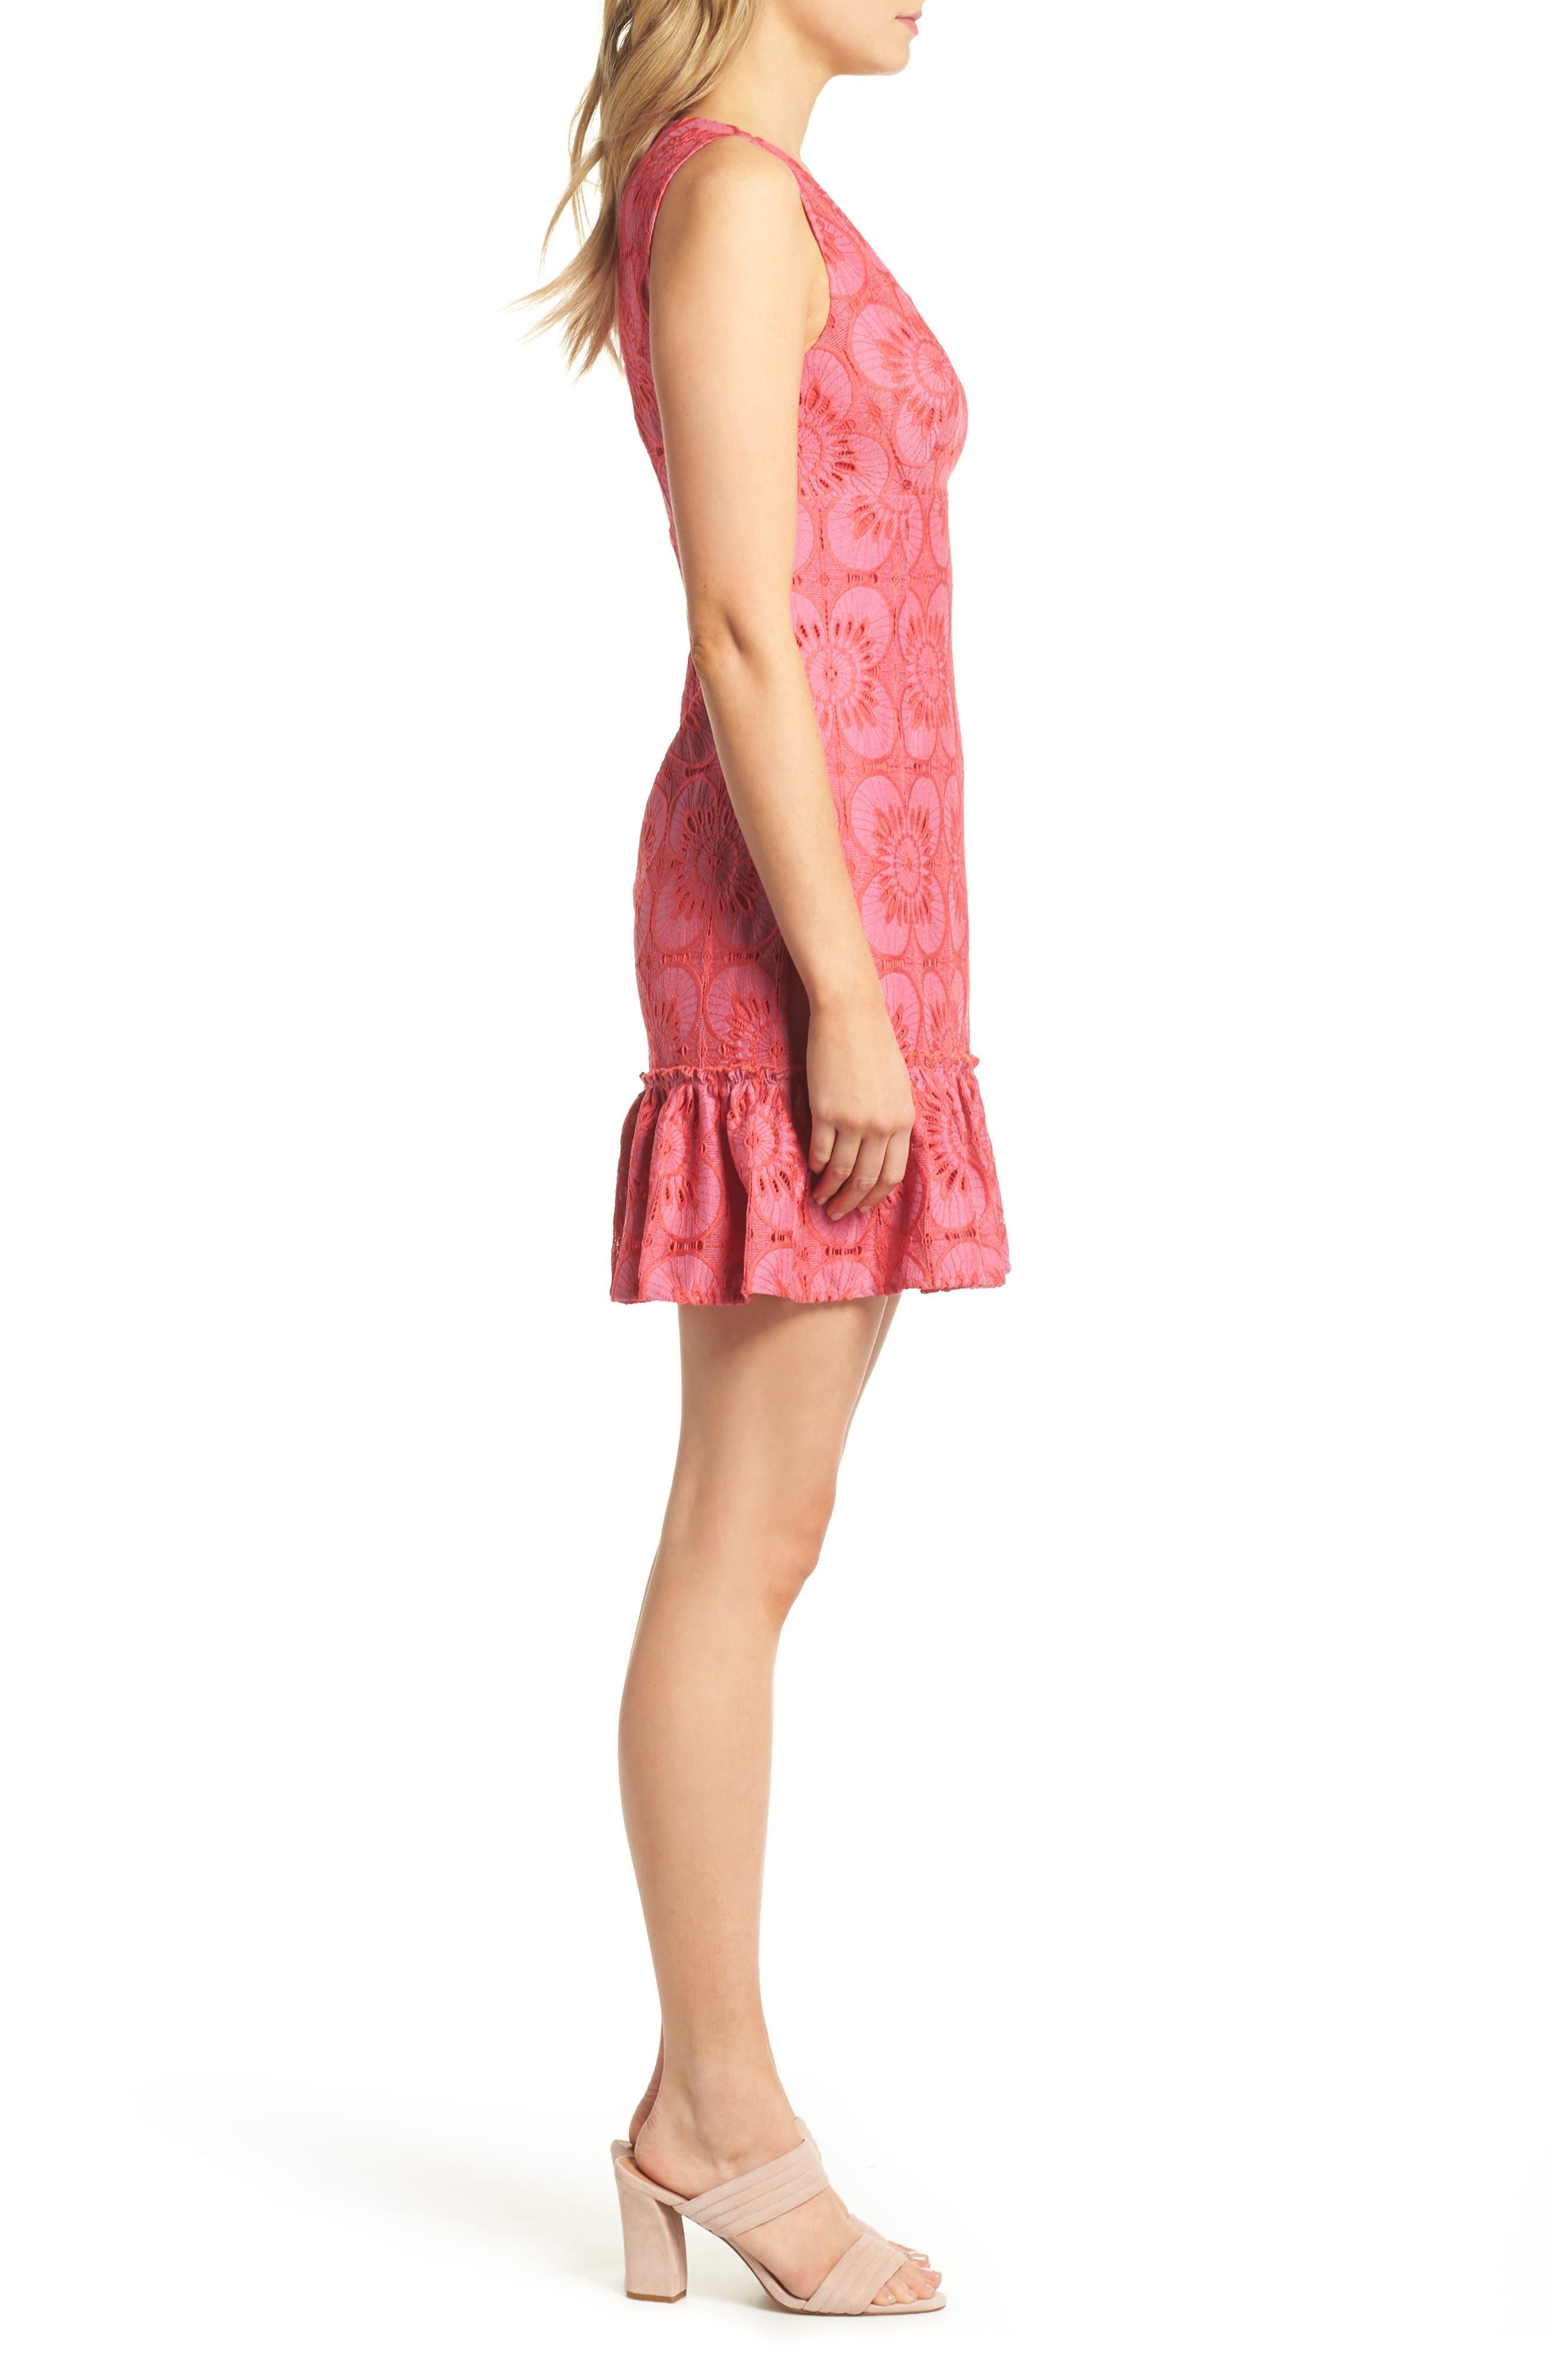 Carpinteria Lace Ruffle Hem Dress,                             Alternate thumbnail 3, color,                             Peony